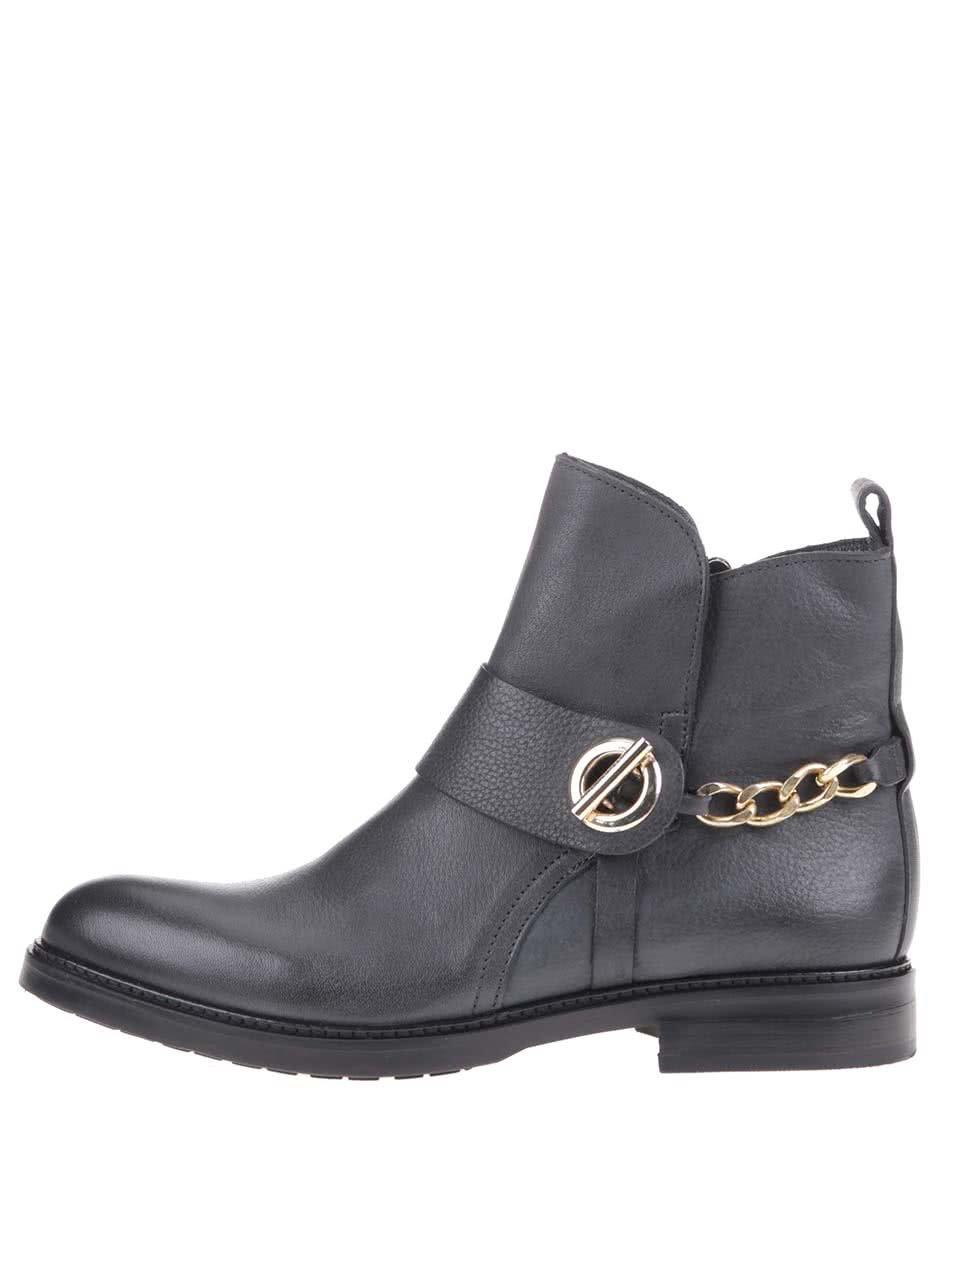 Šedé dámské kožené kotníkové boty Tommy Hilfiger Holly ... 7d75b2afa29